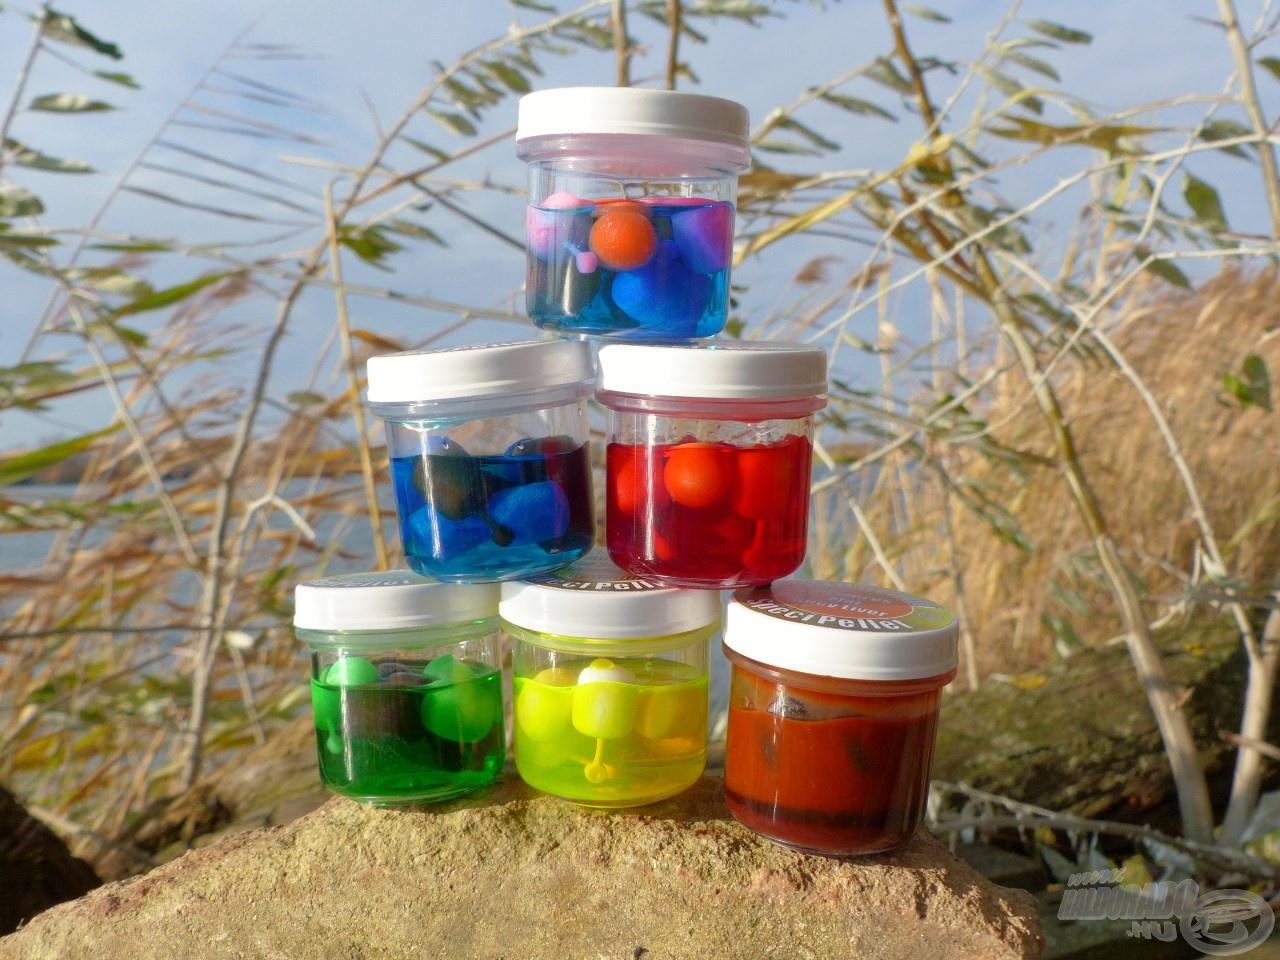 """Mind a hat ízvilág tartalmaz feltűnő és diszkrétebb színű csalikat is, így könnyedén tudunk igazodni a halak éppen aktuális ízléséhez, kapókedvéhez. A Spéci termékcsalád esetében megszokhattuk, hogy feltűnő színű, aromás lében """"áznak"""" a csalik, nincs ez másként a SpéciPelletek esetében sem. Igazi nagyhalas csalik!"""